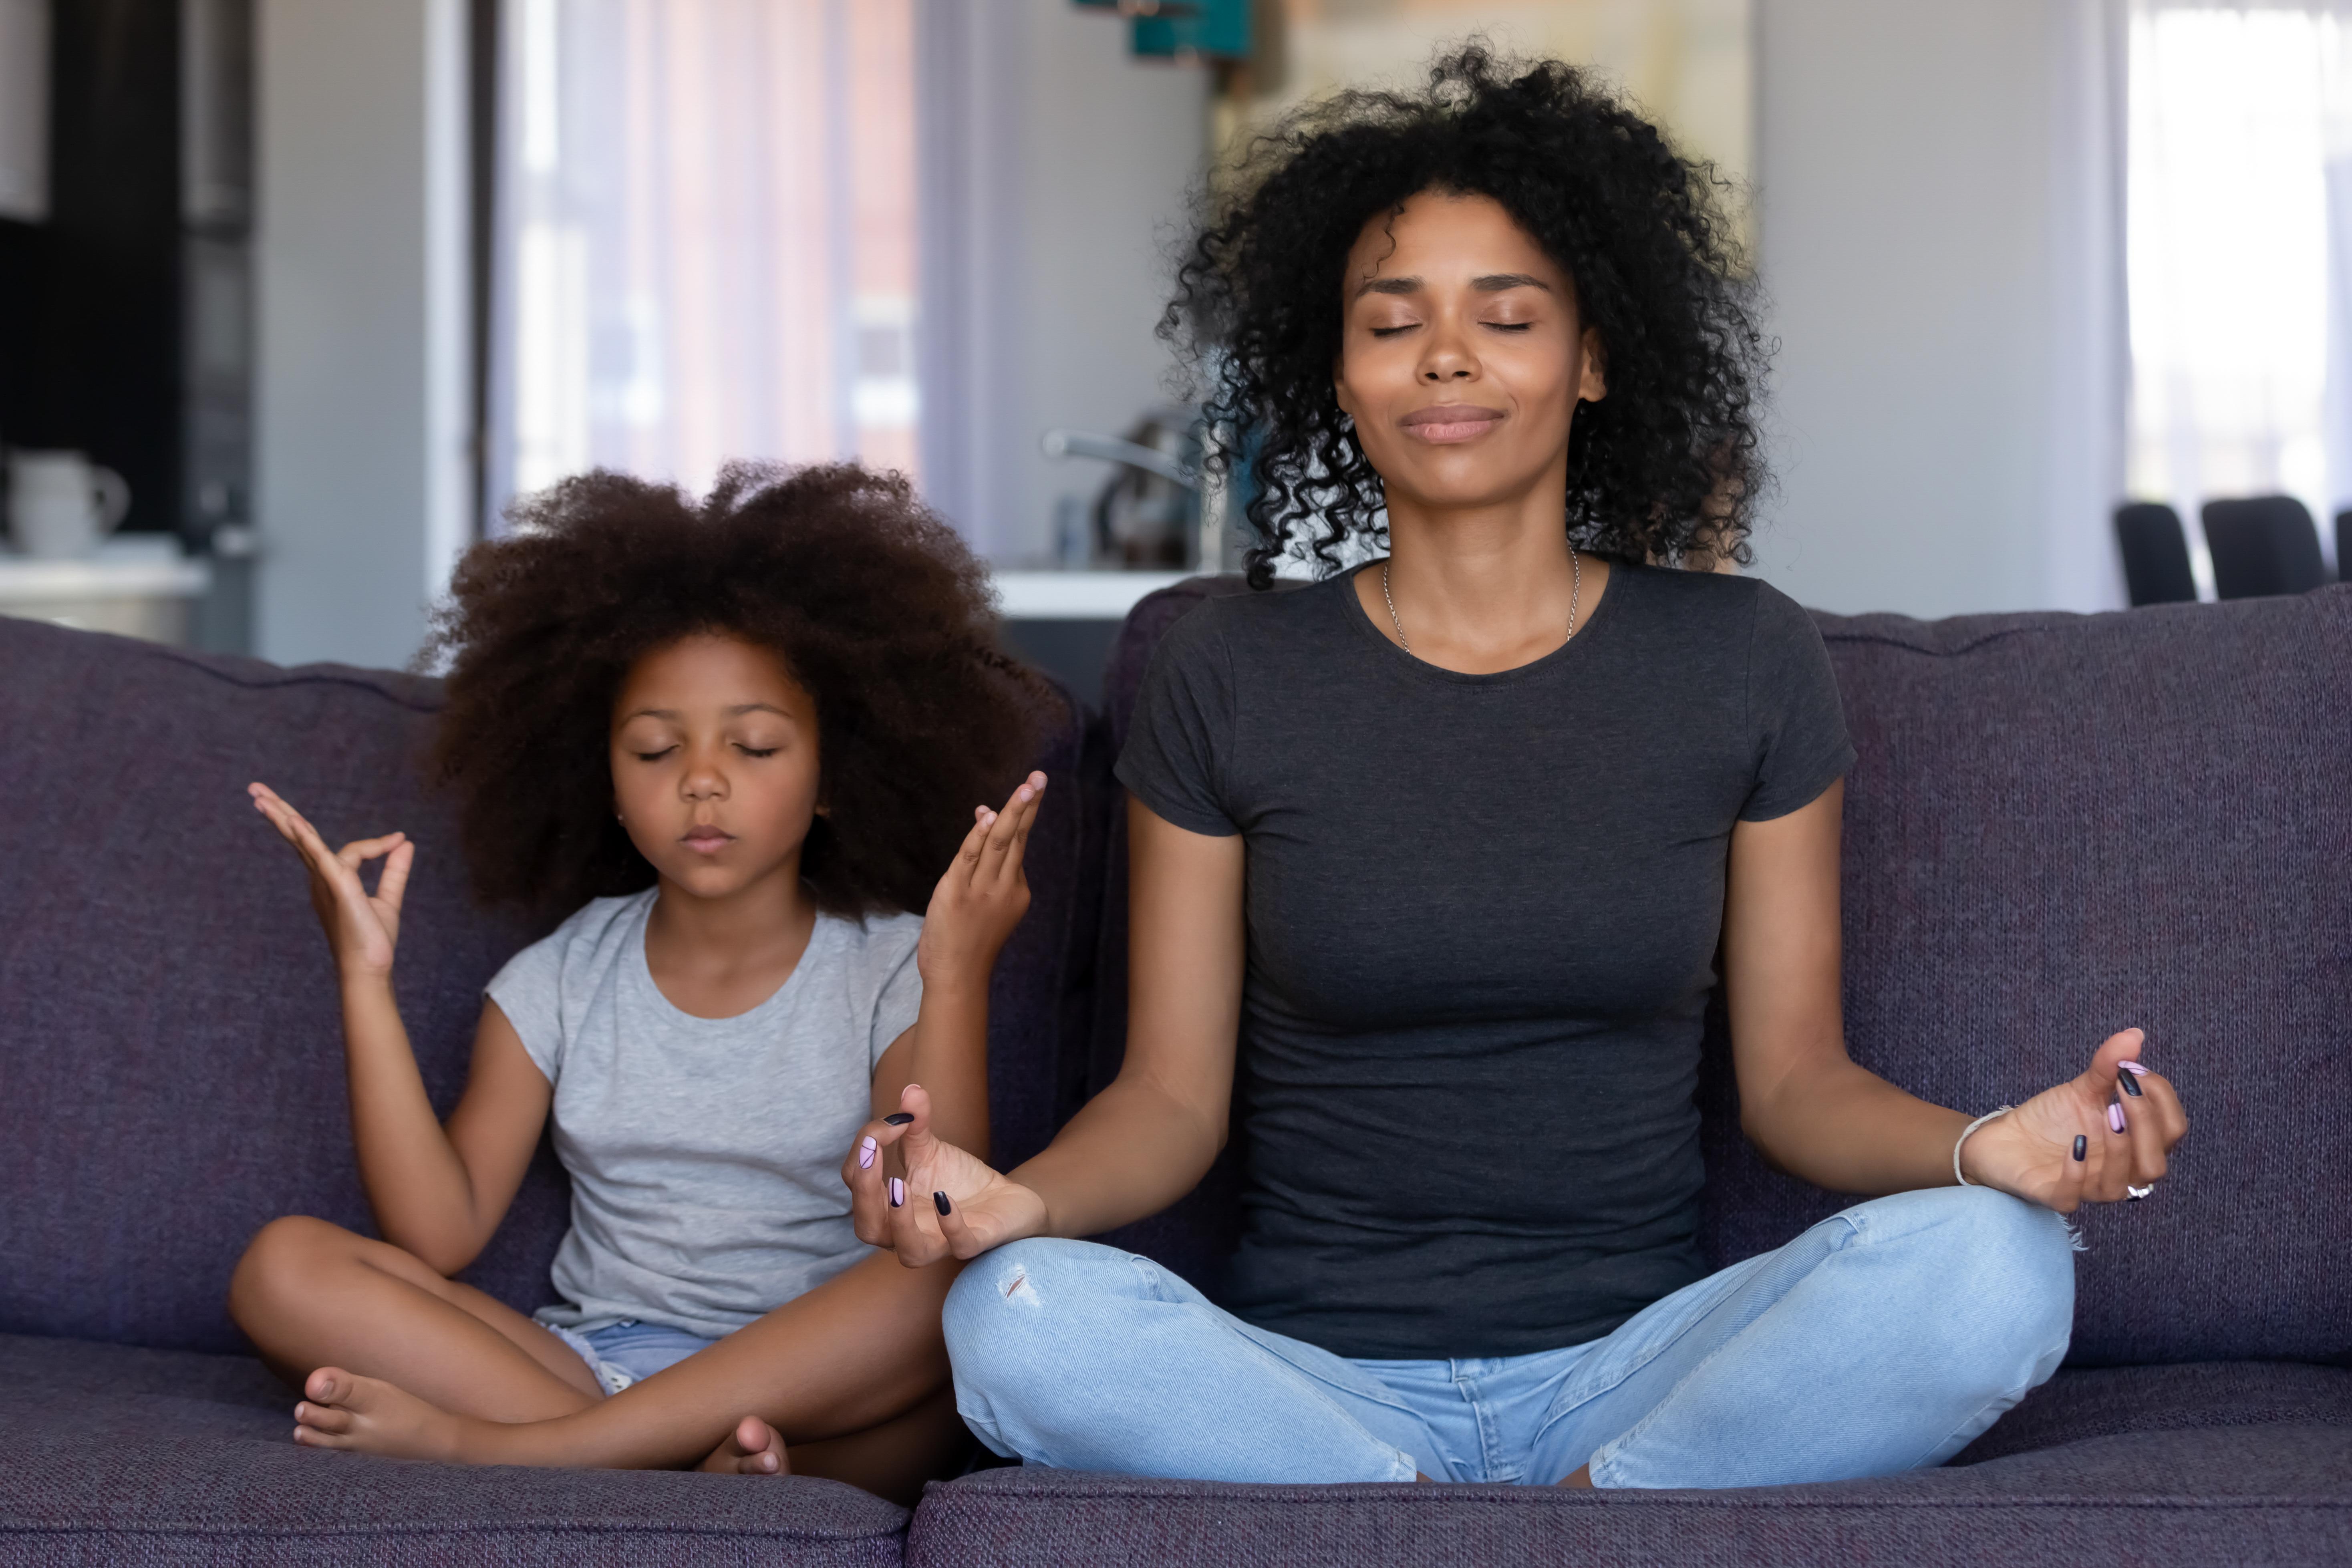 Uma mulher adulta e uma criança sentadas lado a lado em um sofá de cor escura, fazendo meditação de olhos fechados com expressão facial relaxada e concentrada.